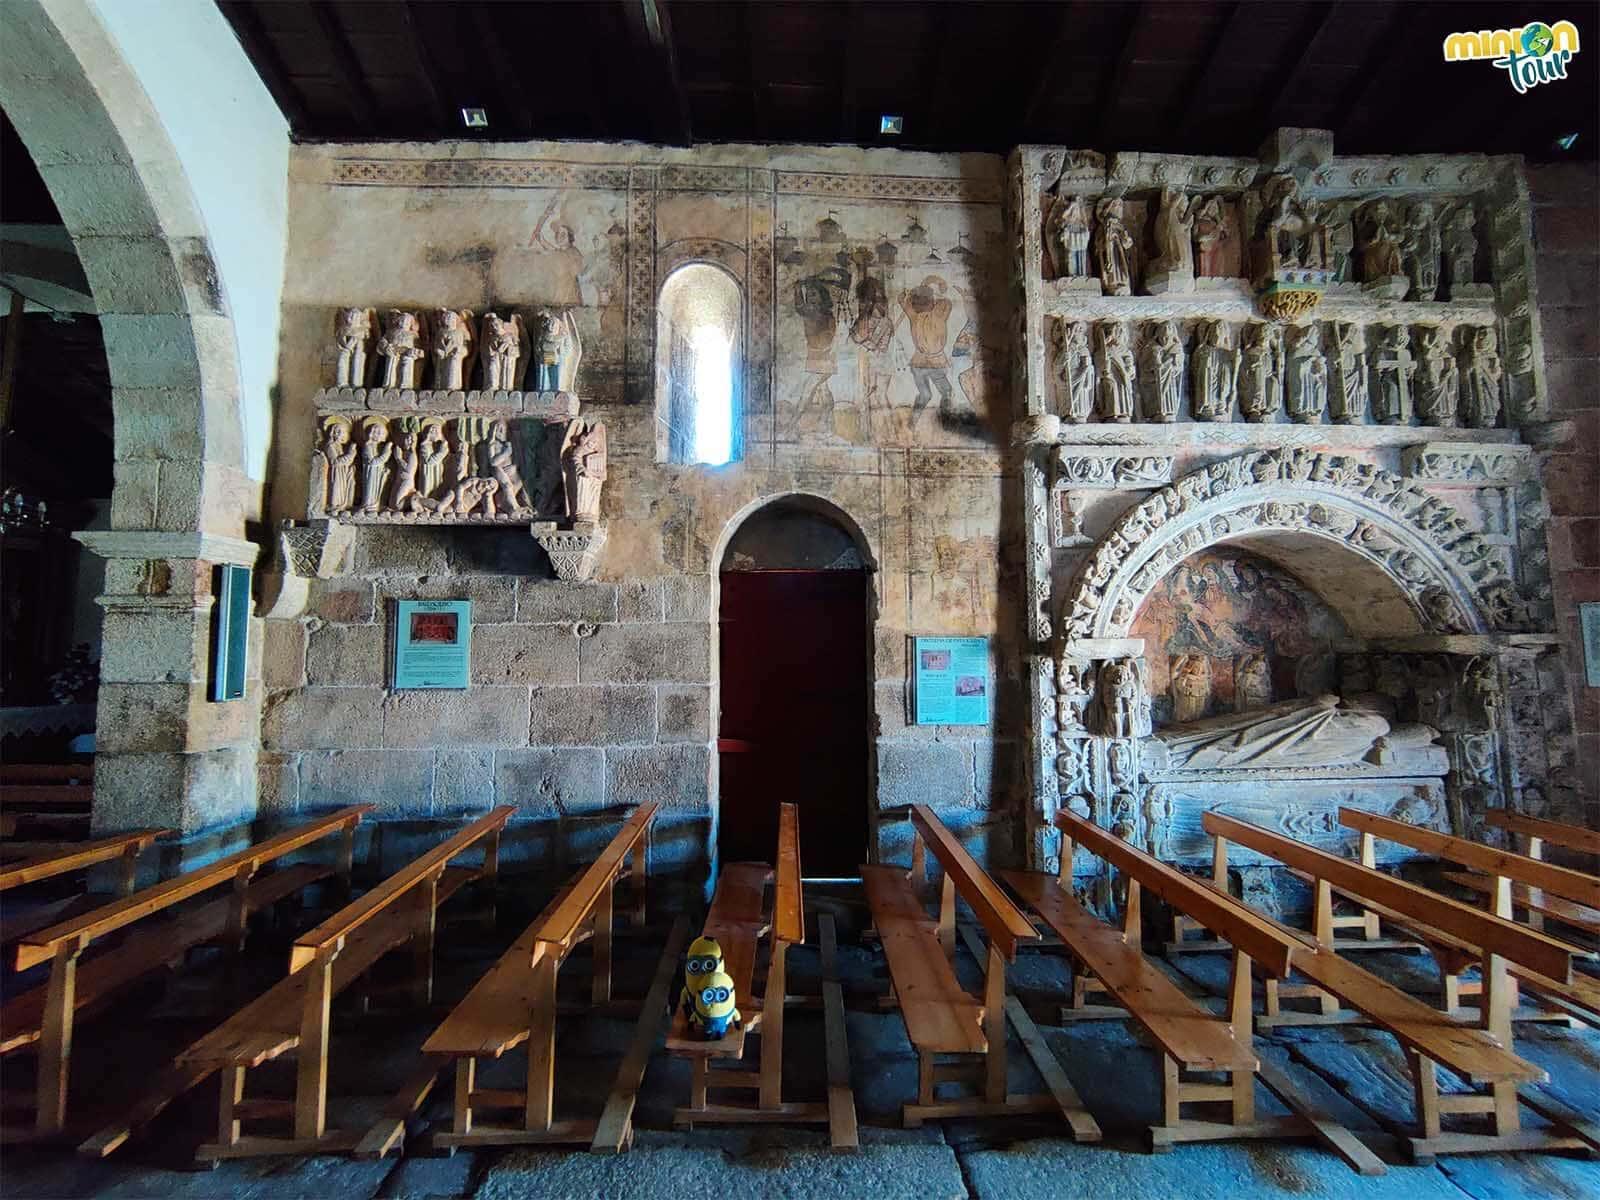 Las pinturas murales de la Iglesia de San Xiao de Ventosa son una pasada